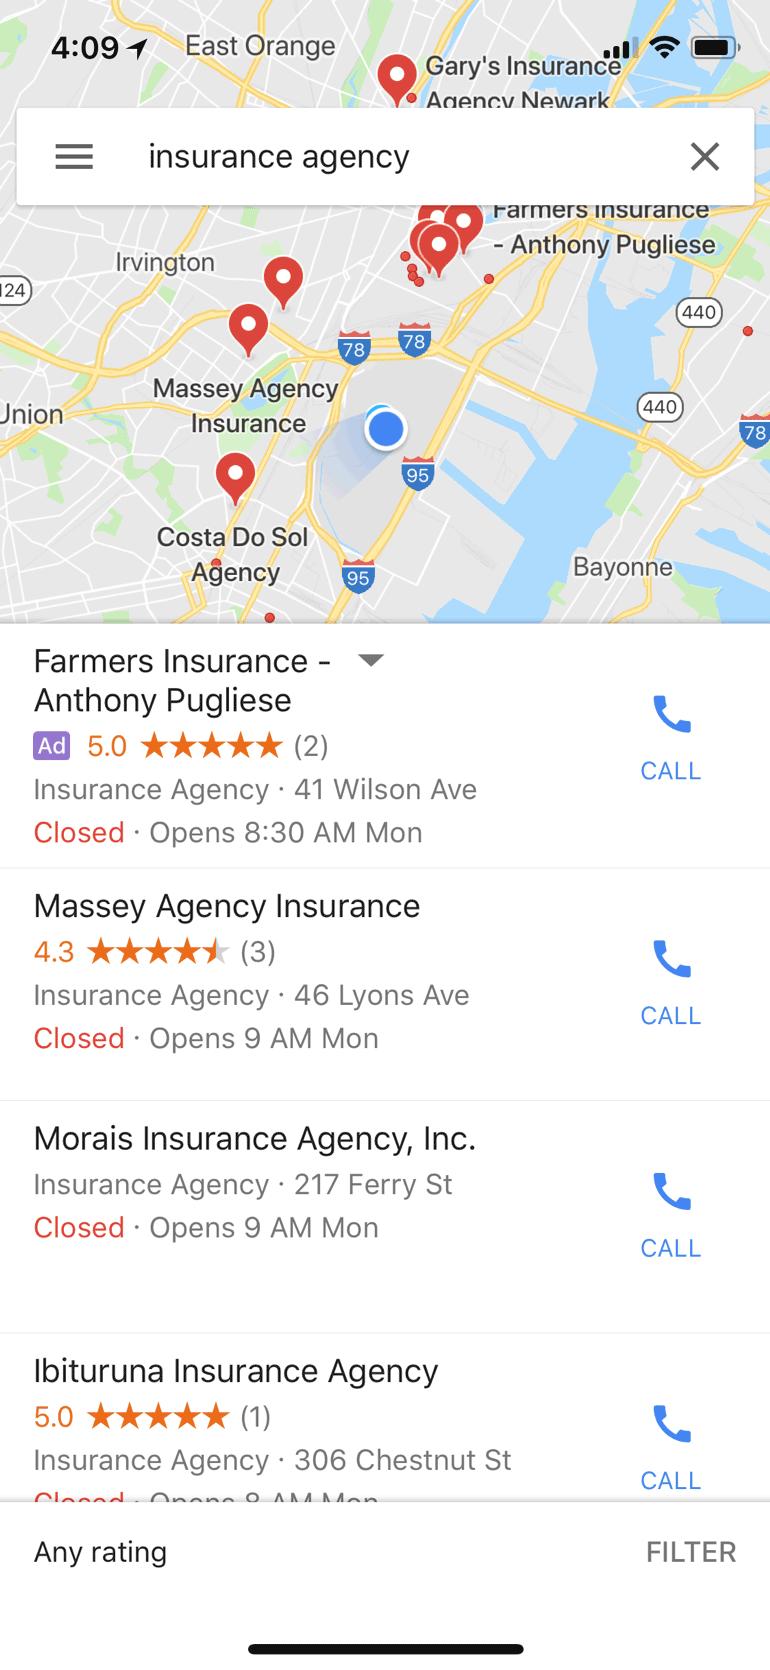 Insurance-agency